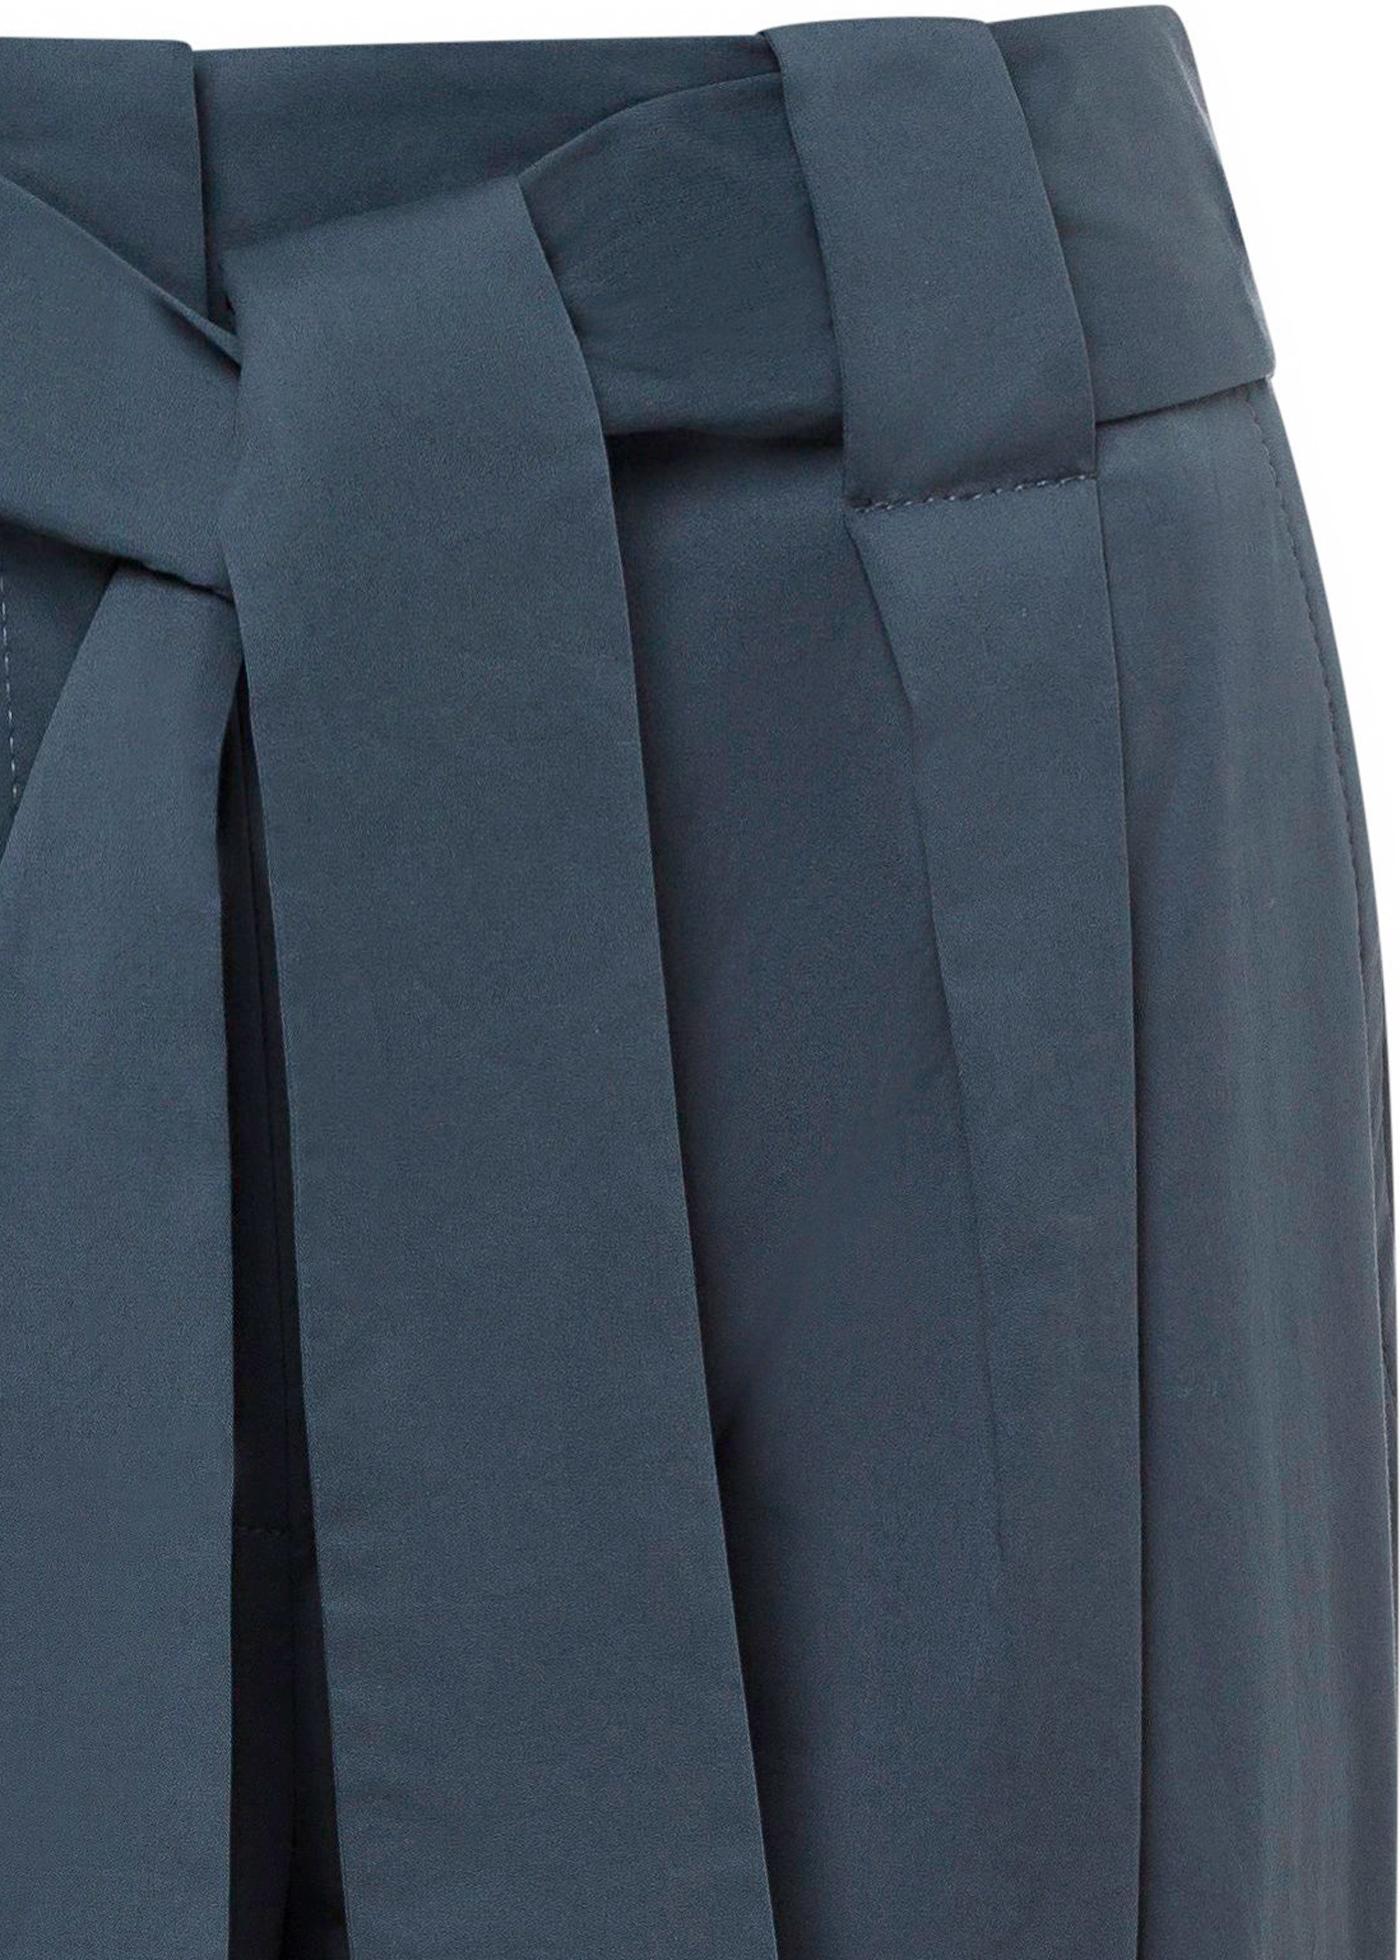 Hose culotte image number 2